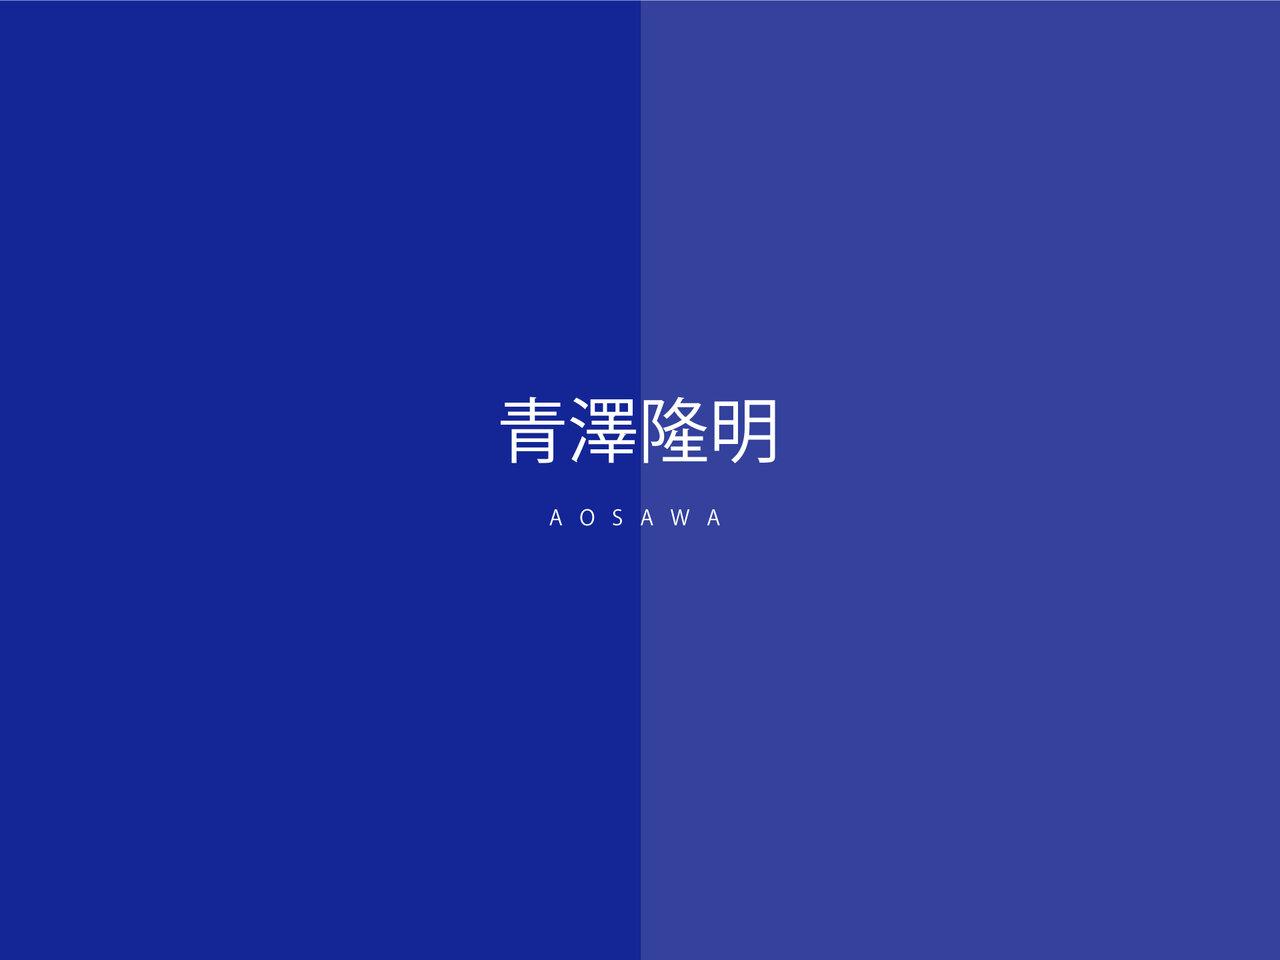 「天才の愛」の響き - くるりの新作のこと(青澤隆明)